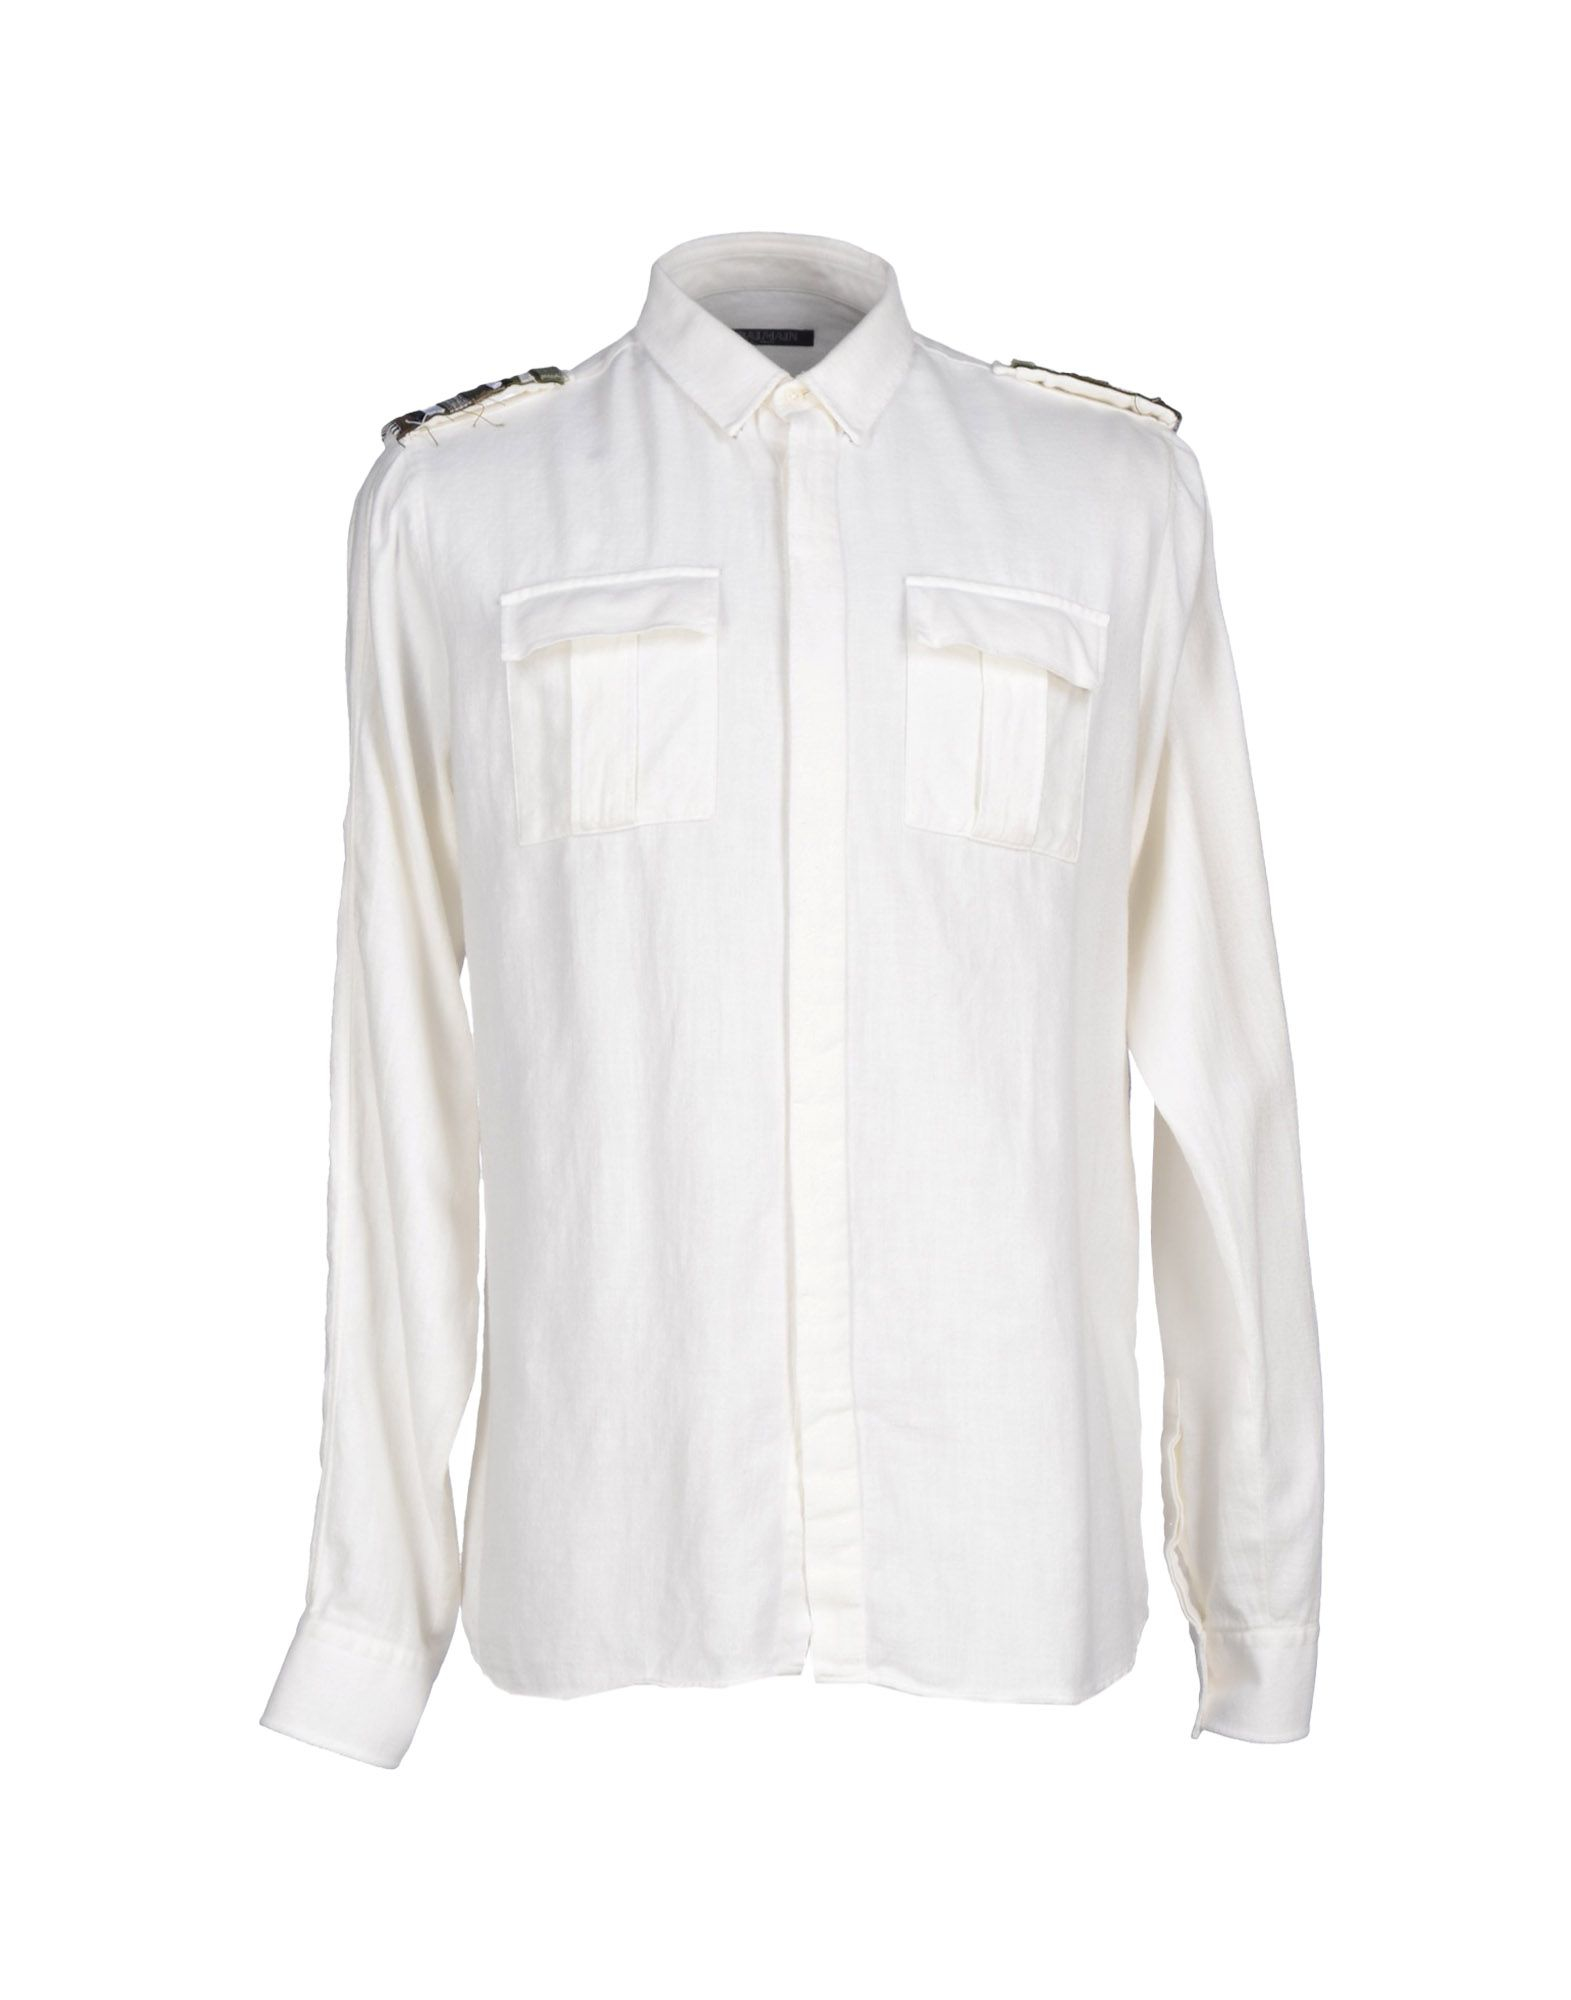 Balmain Shirt in White for Men